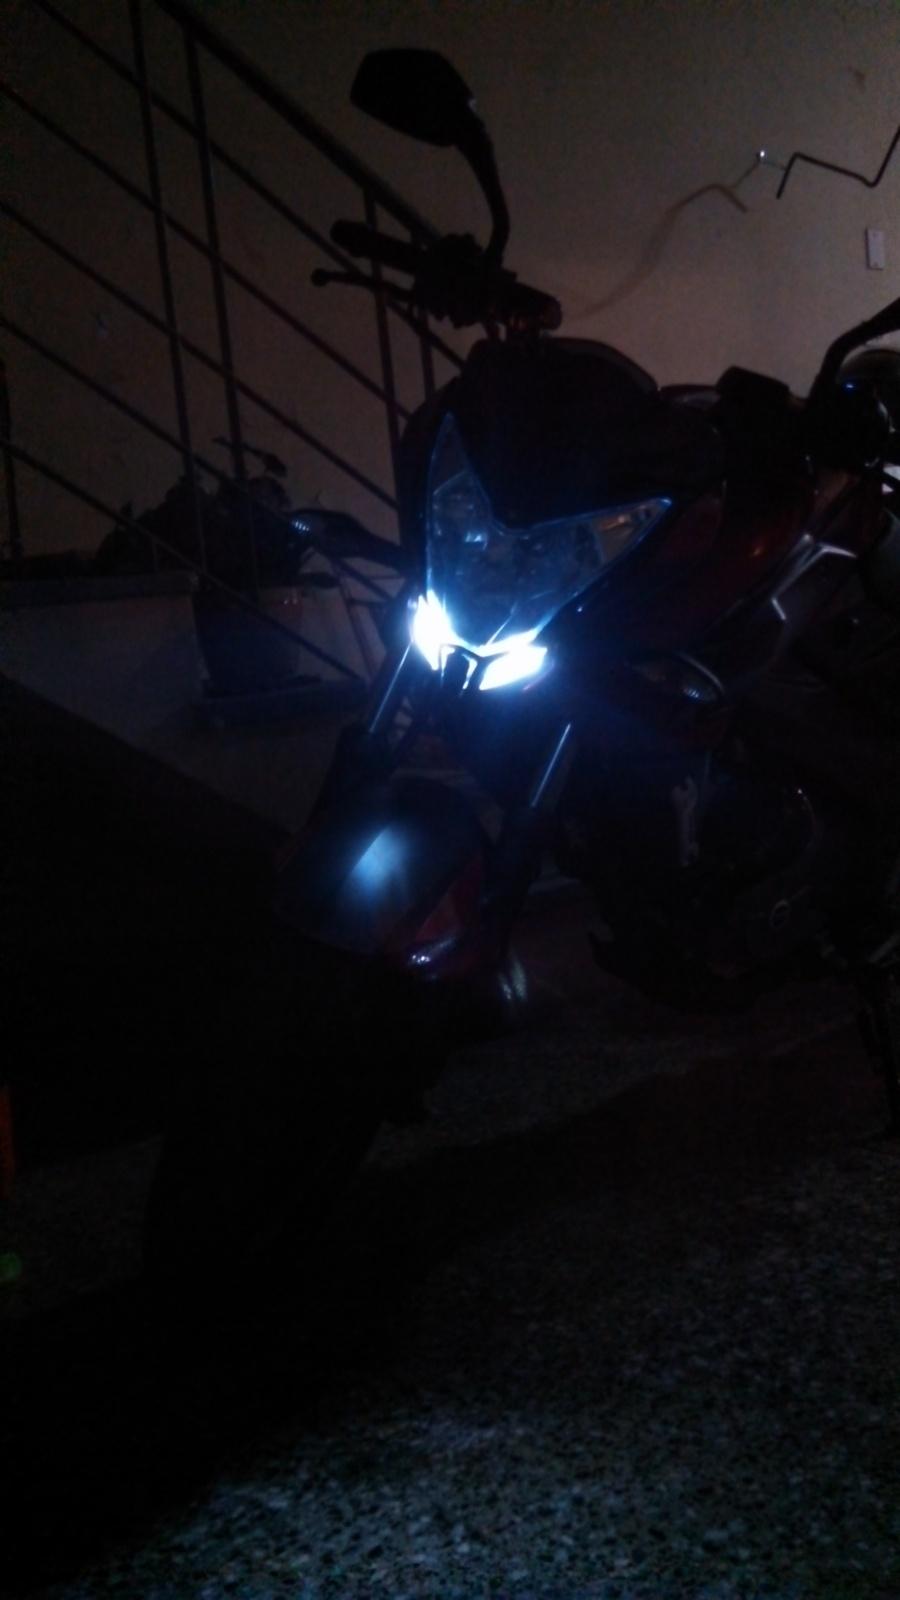 Corte de corriente para las luces  2hqc7yv